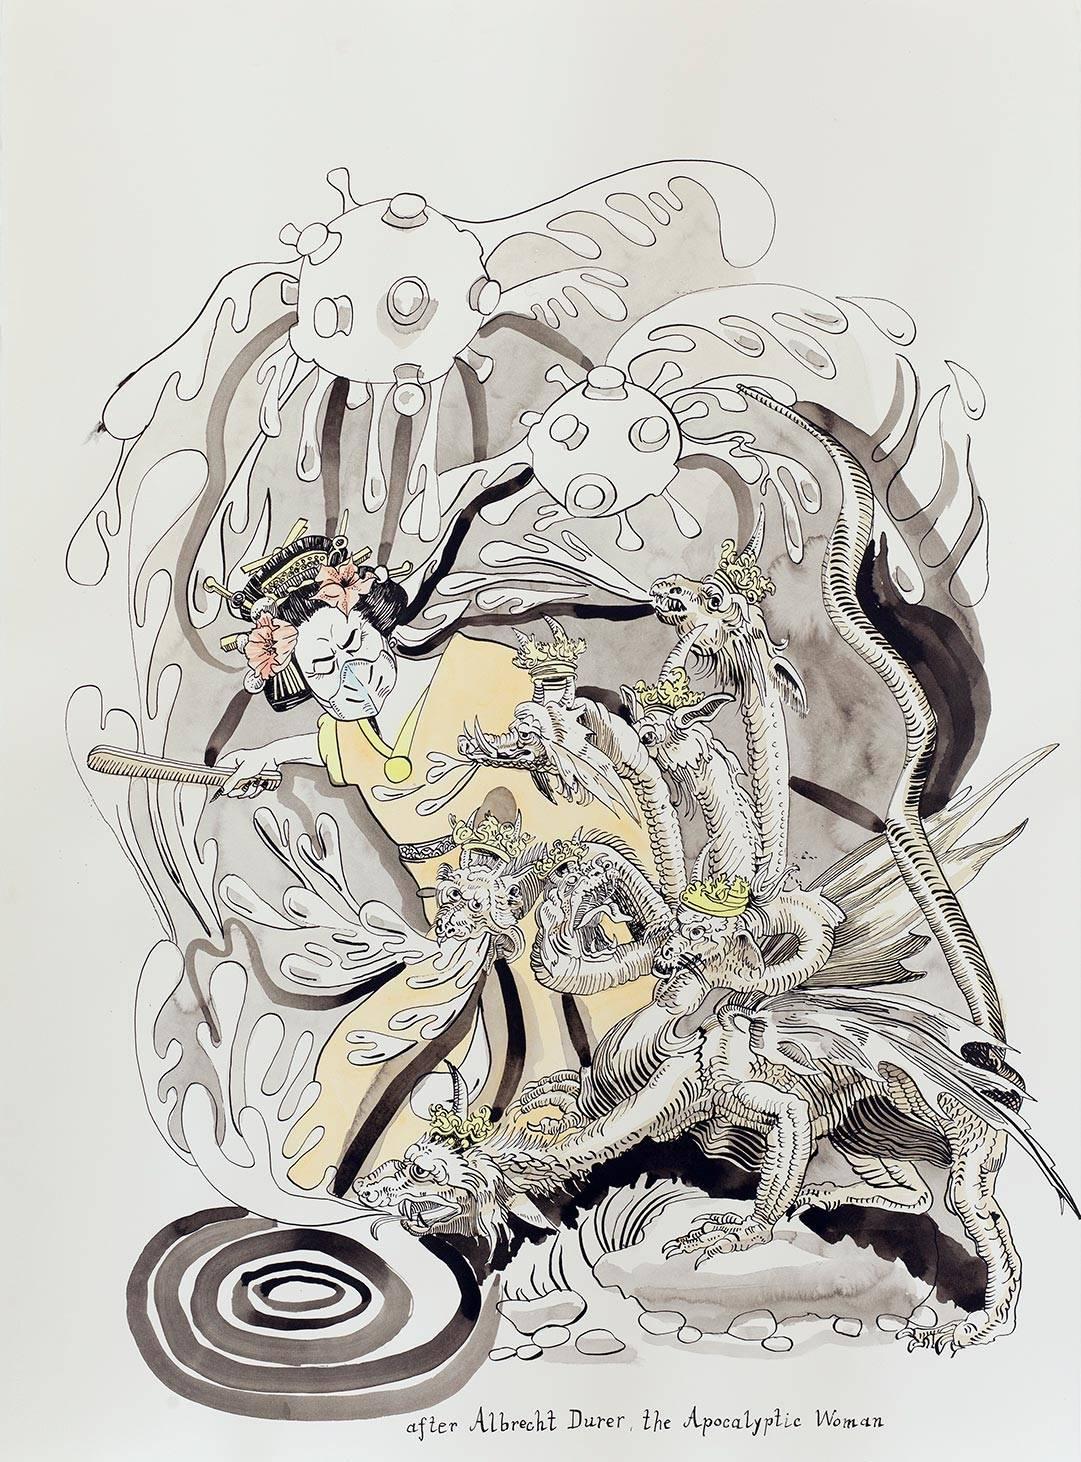 ראובן קופרמן, אנטומיה של קילר